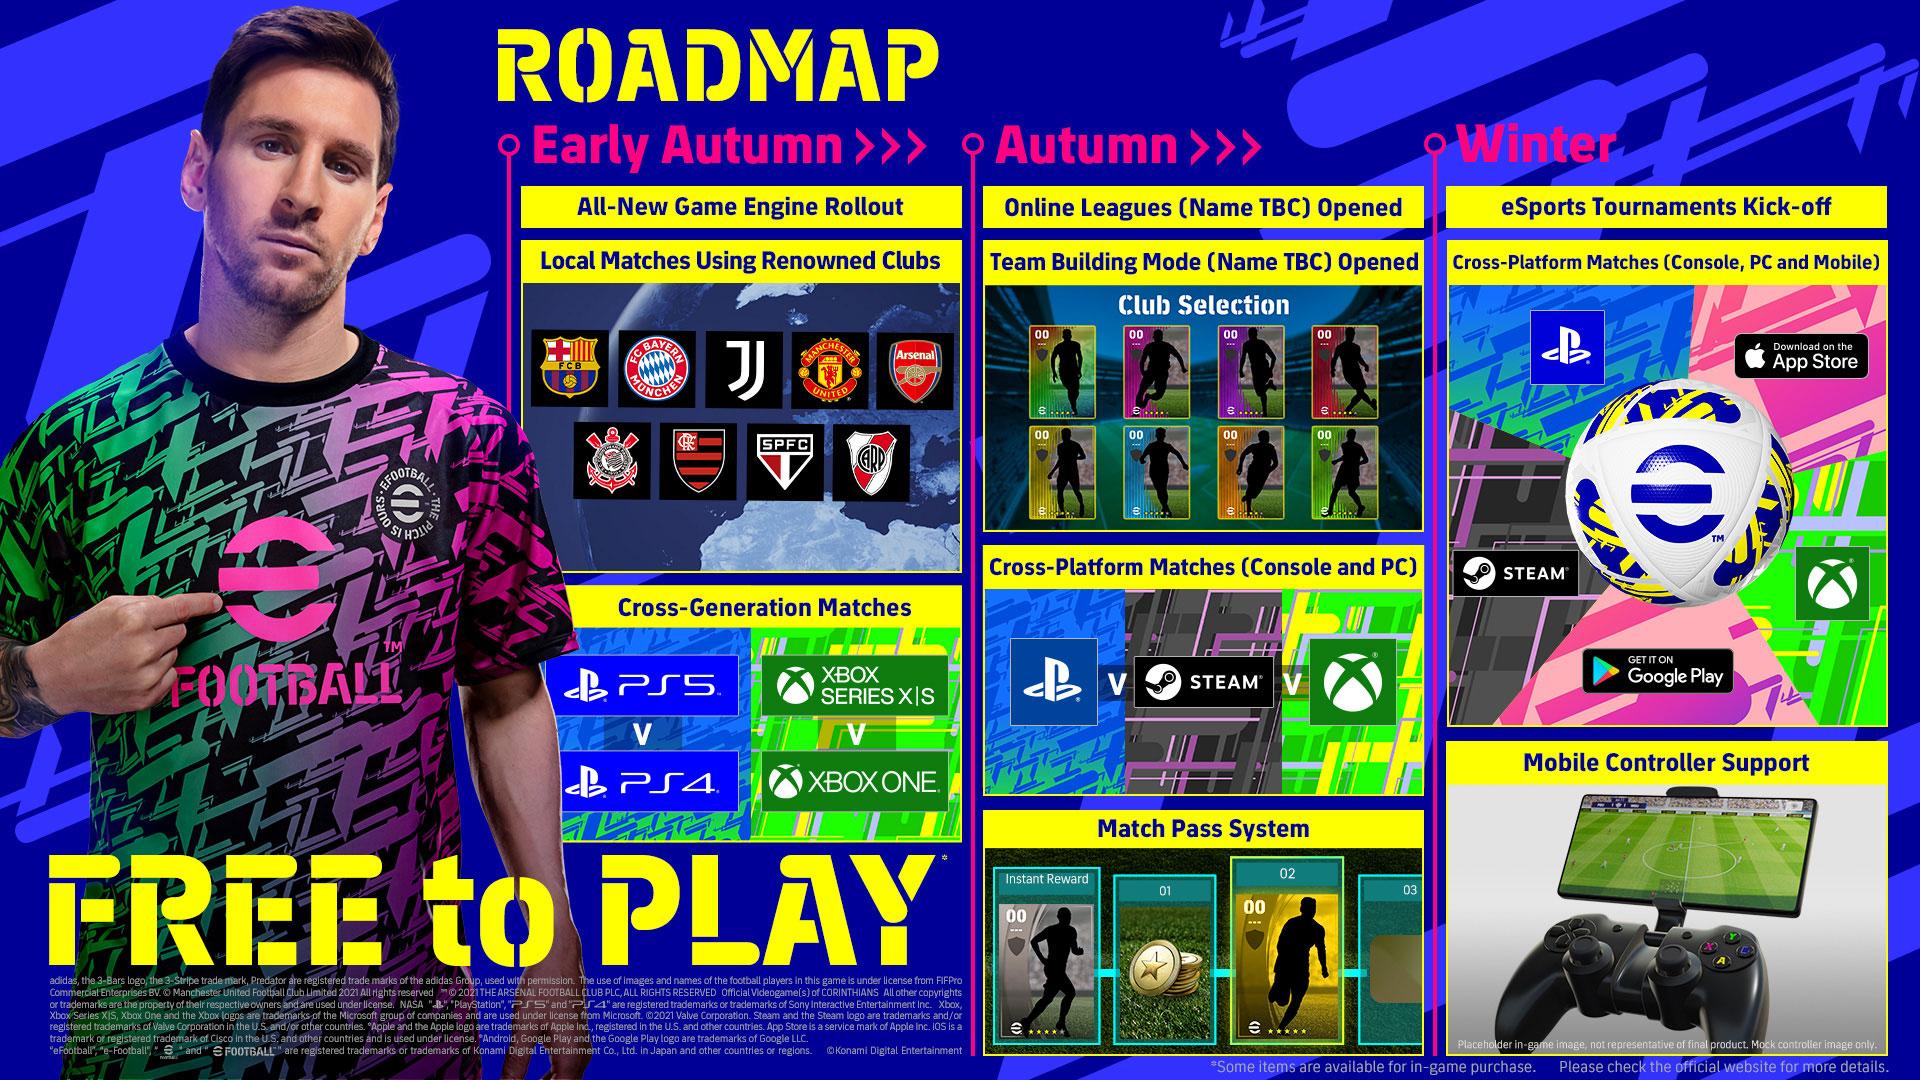 efootball-roadmap_en.jpg